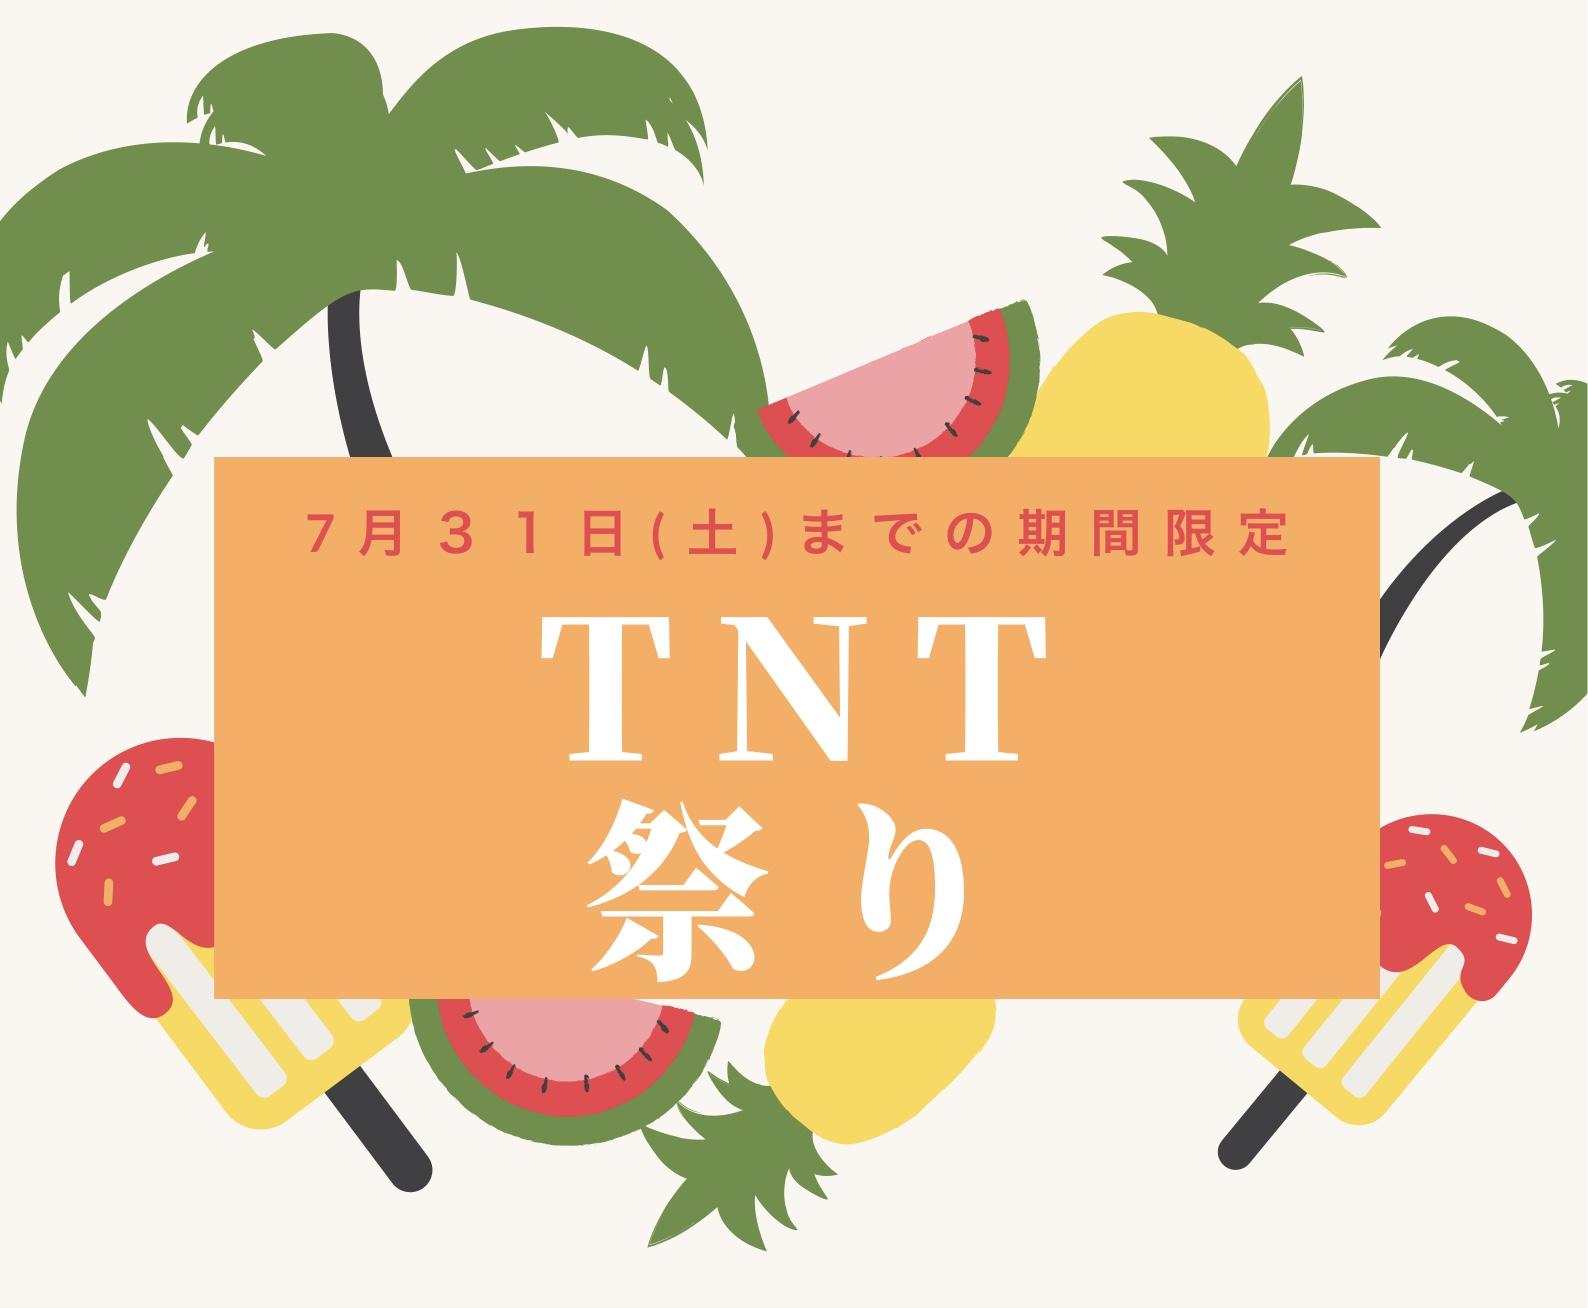 7/31(土)まで! TNT祭り!